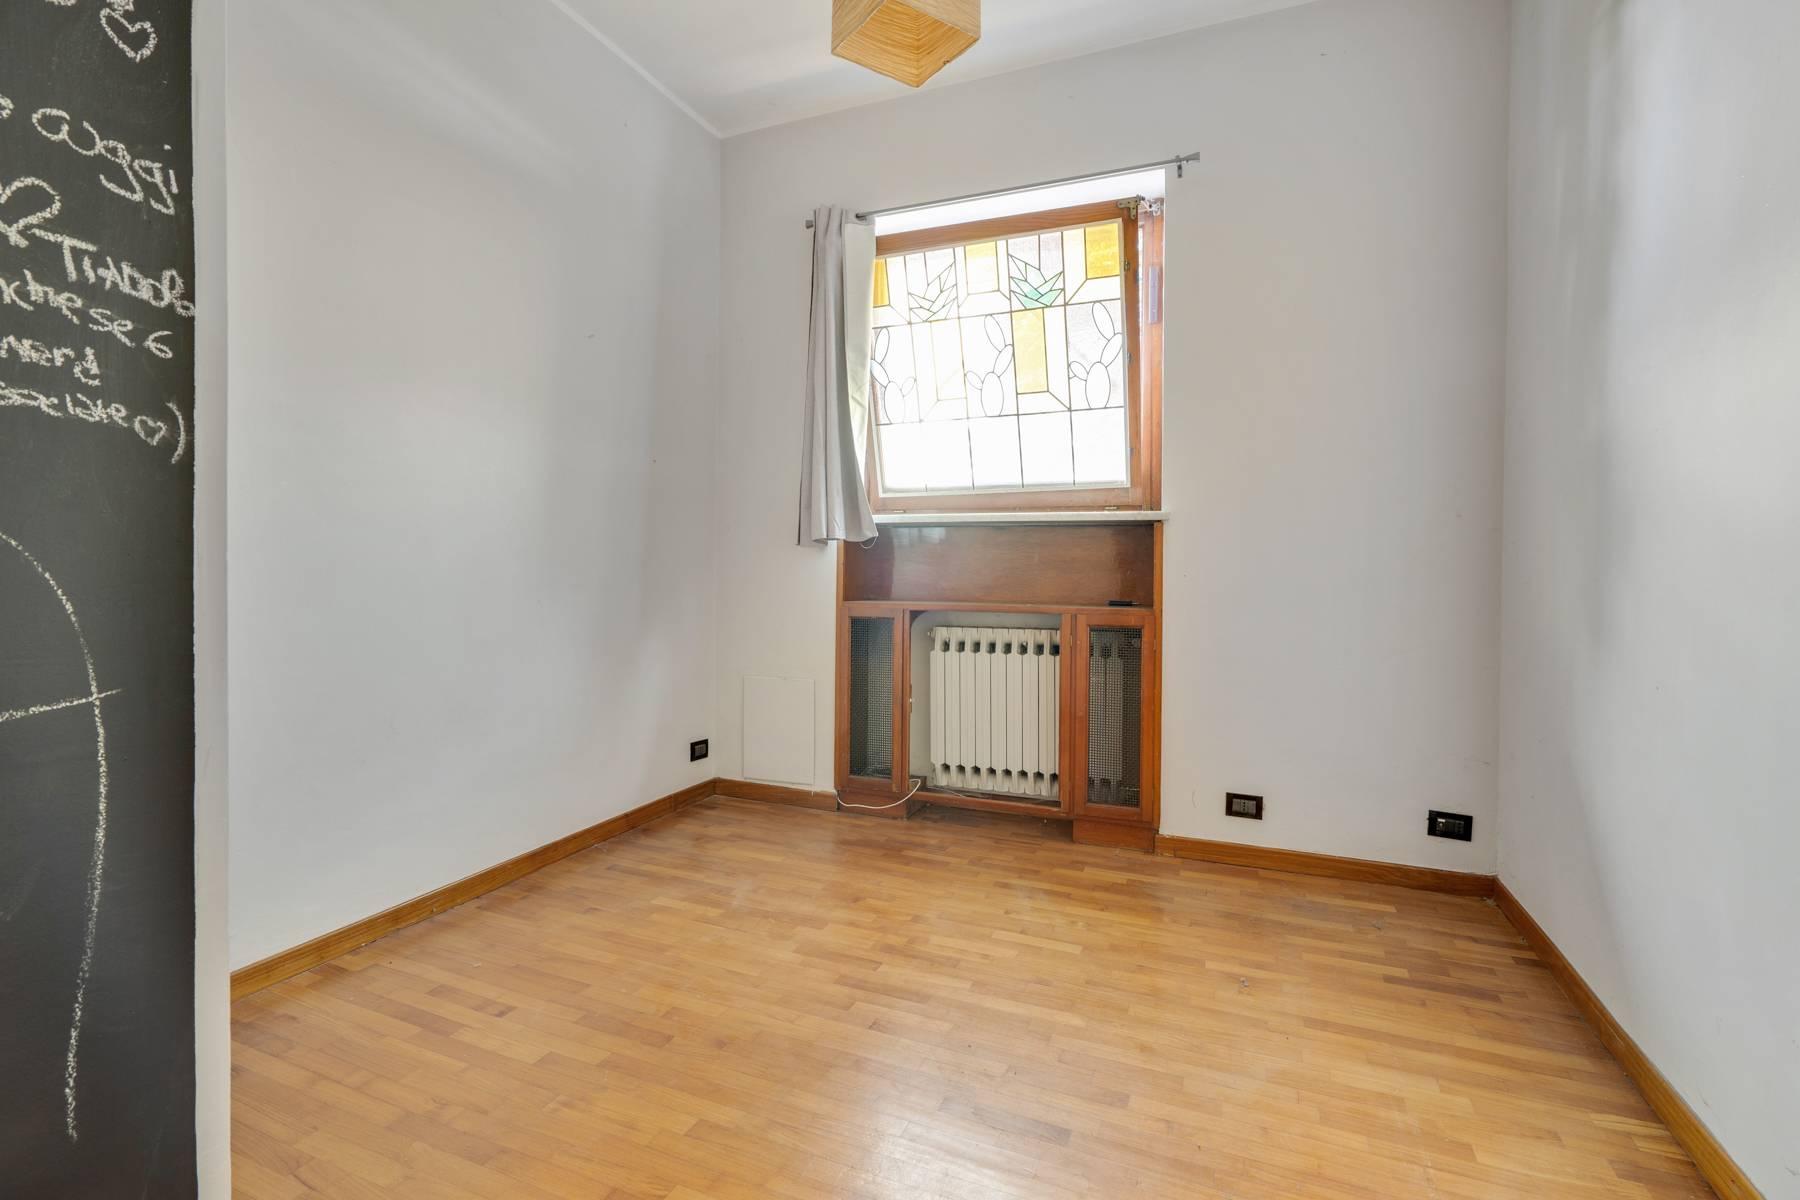 Appartamento in Vendita a Torino: 3 locali, 88 mq - Foto 14